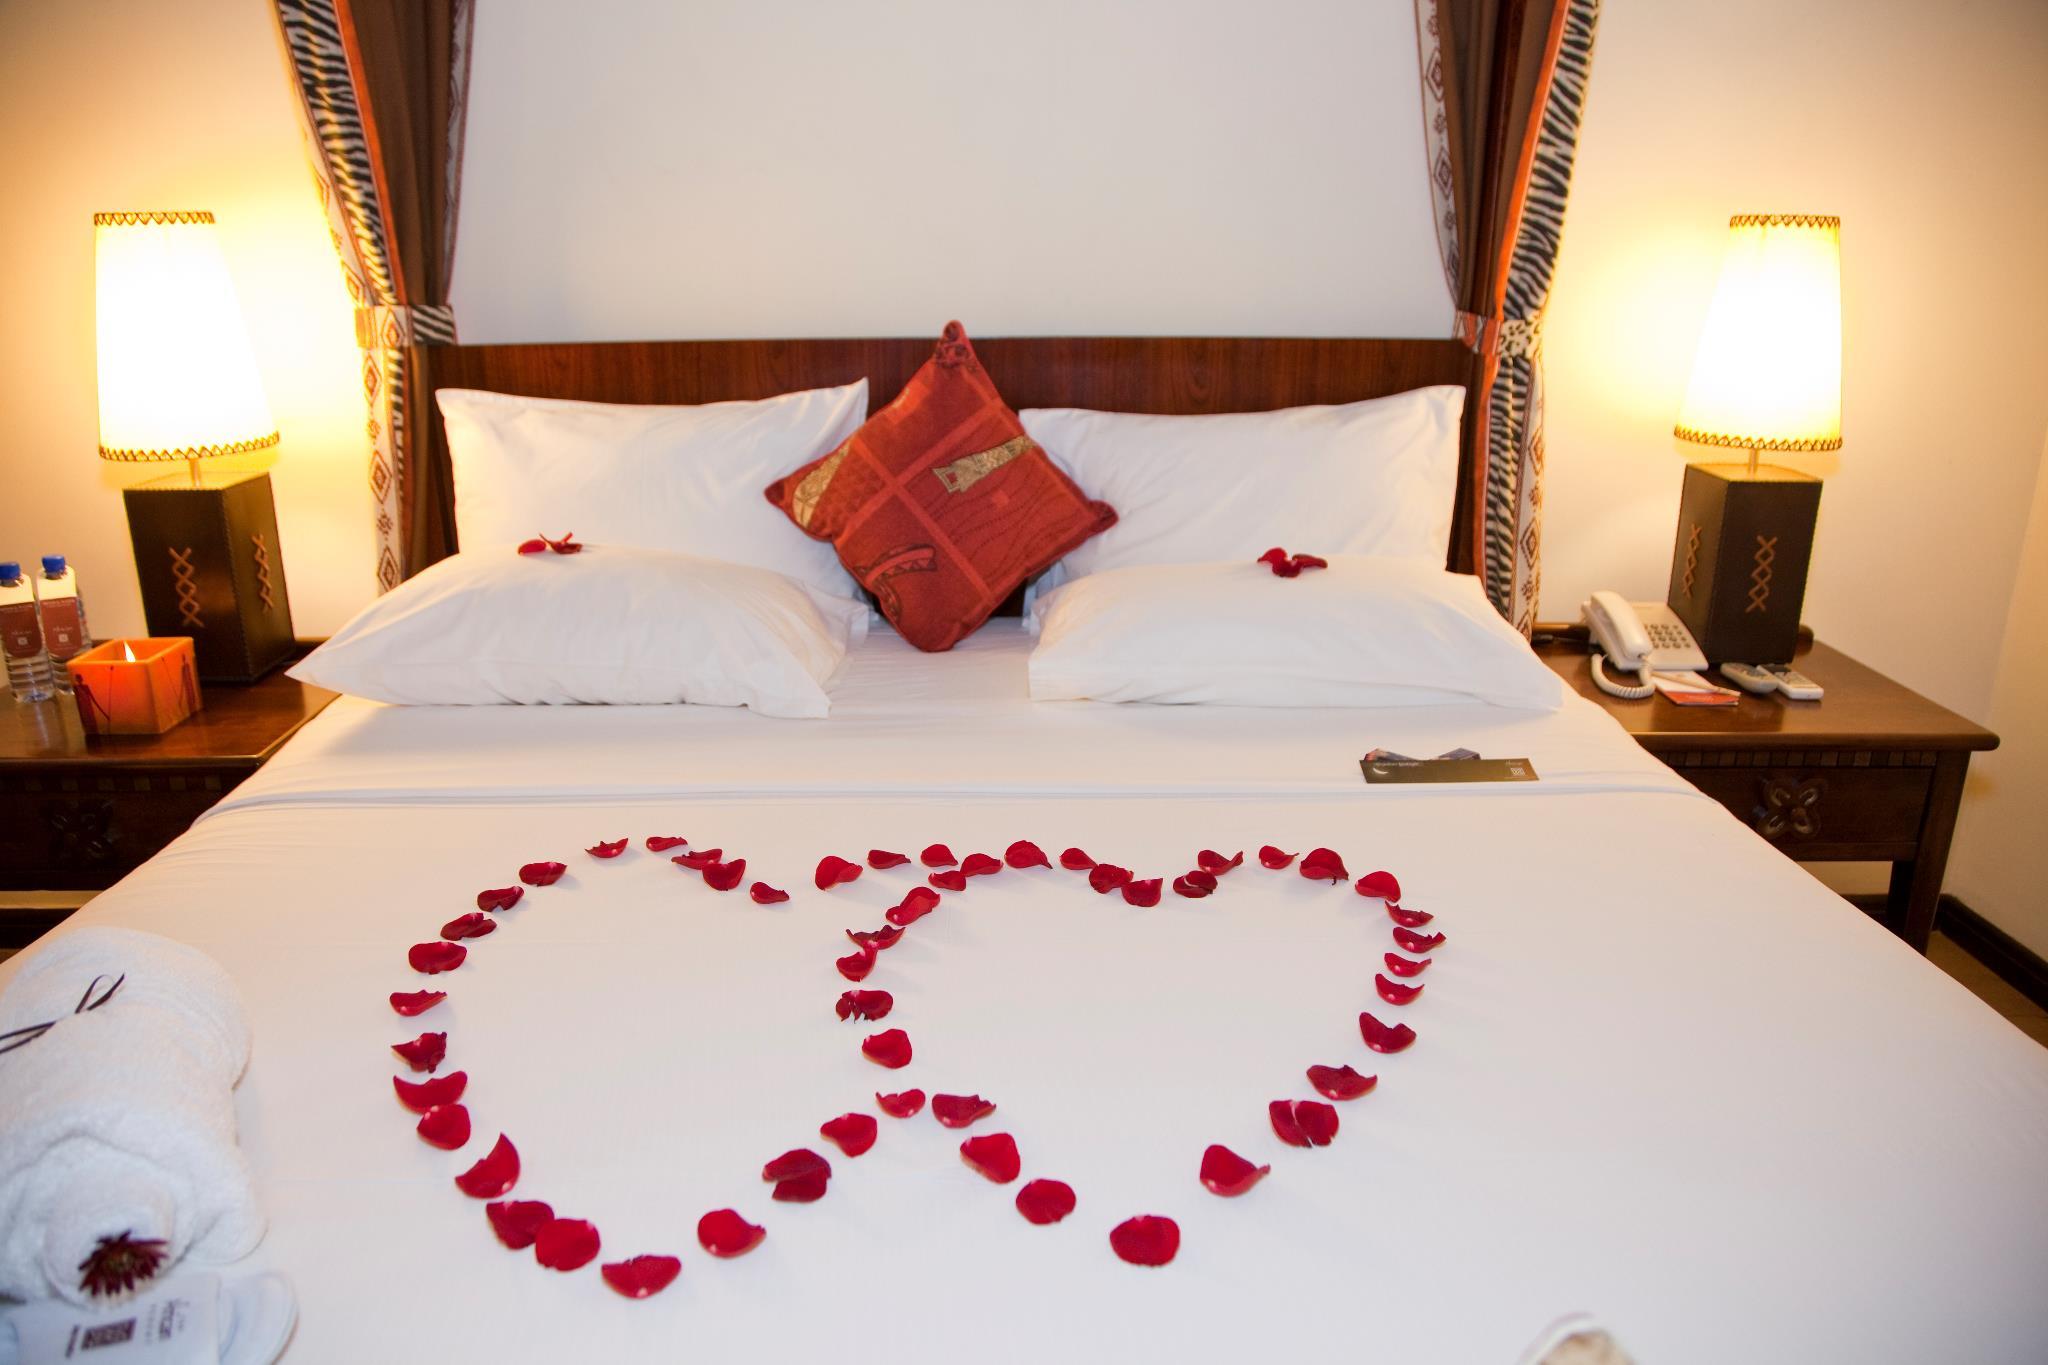 Desain kamar romantis mainan anak for Dekor kamar hotel buat ulang tahun